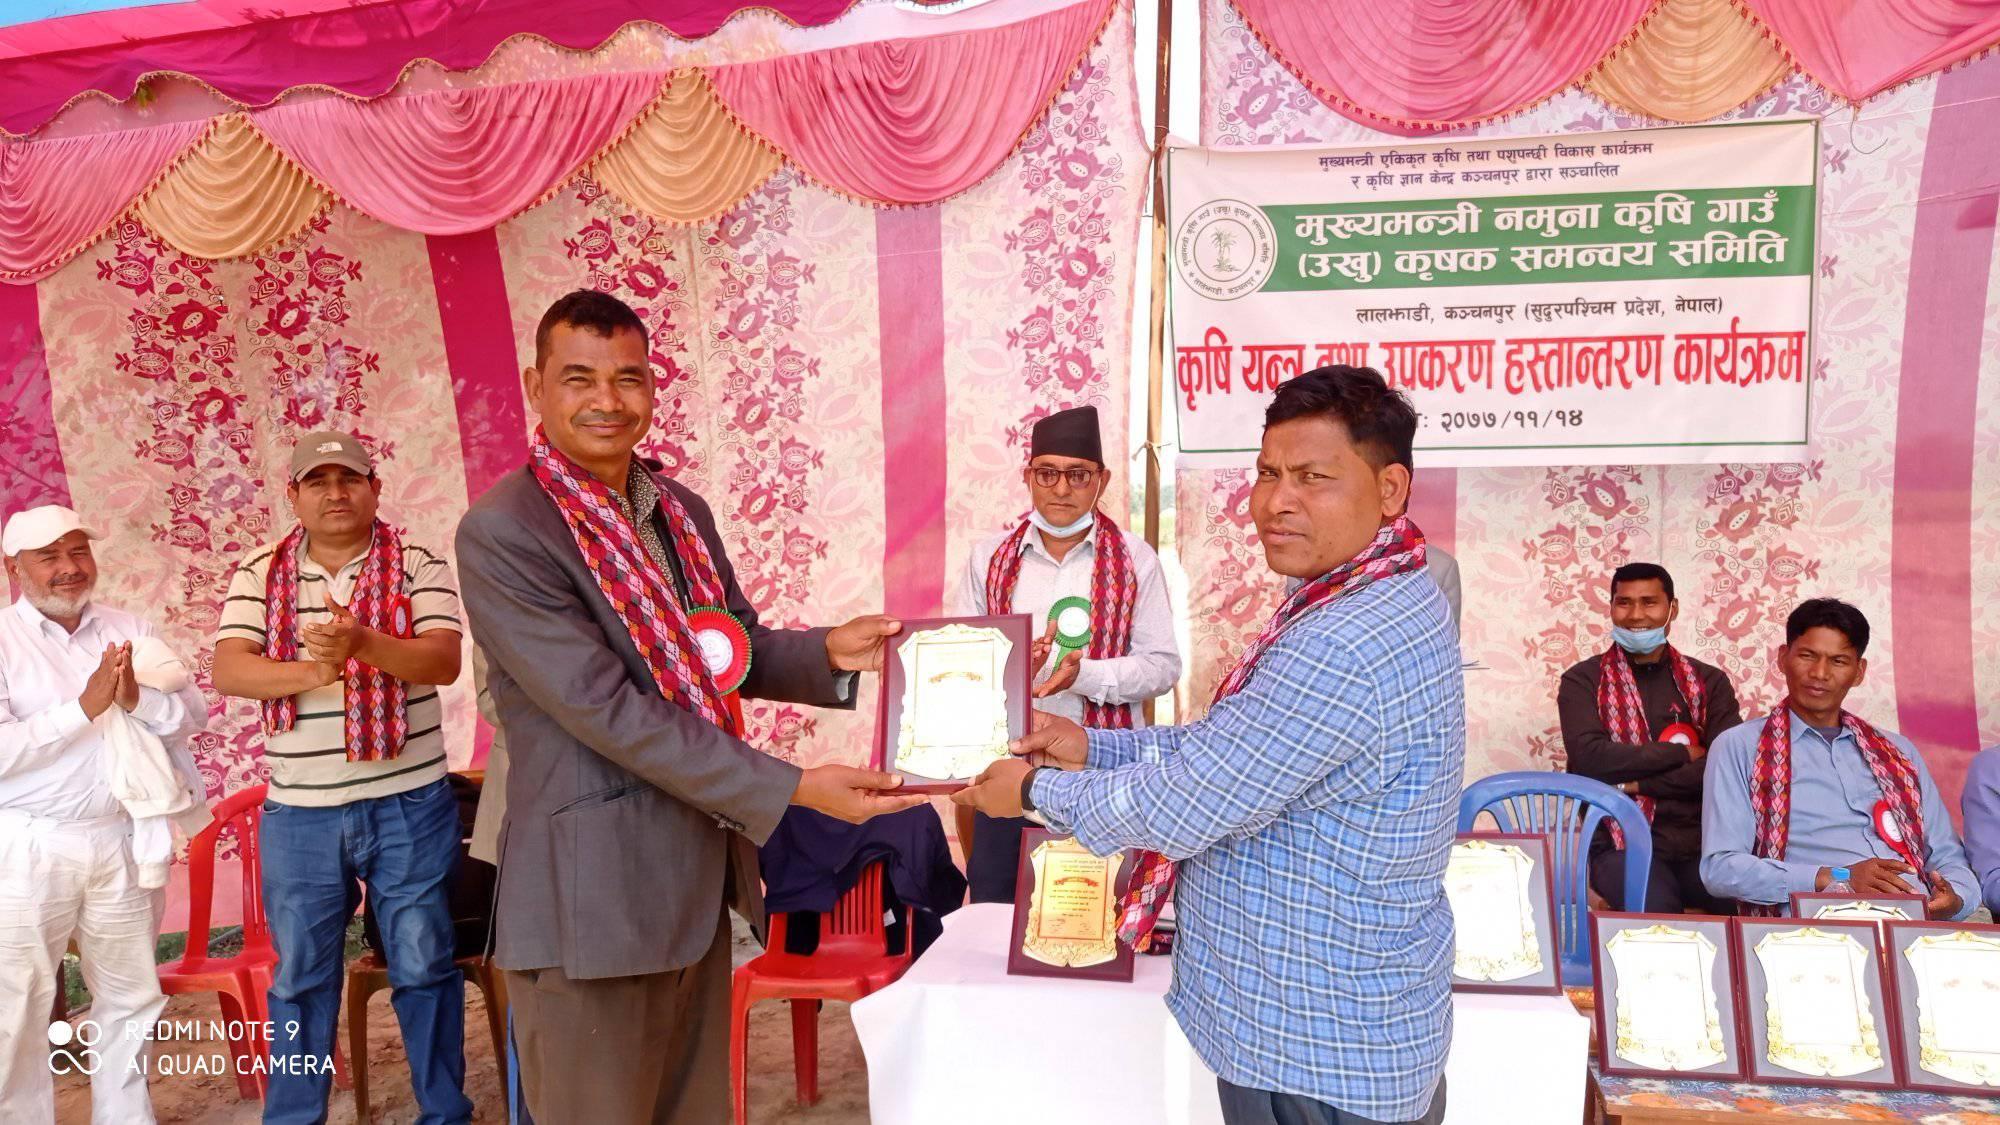 कञ्चनपुरका  उखु कृषकहरुलाई अनुदानमा कृषि यन्त्र तथा उपकरण वितरण